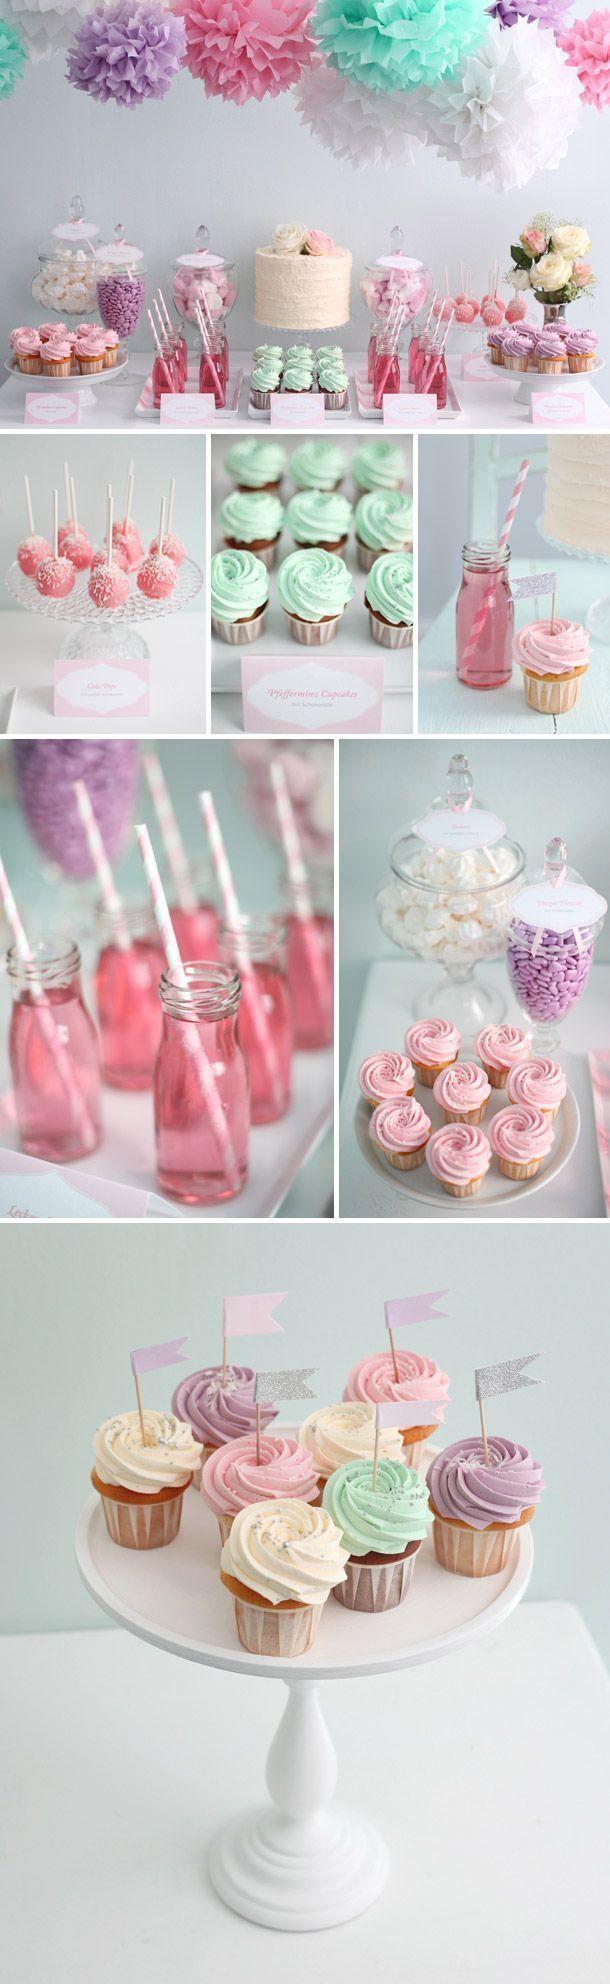 Candybar Inspirationen von Zuckermonarchie Candybar Inspirationen von Zuckermonarchie ,